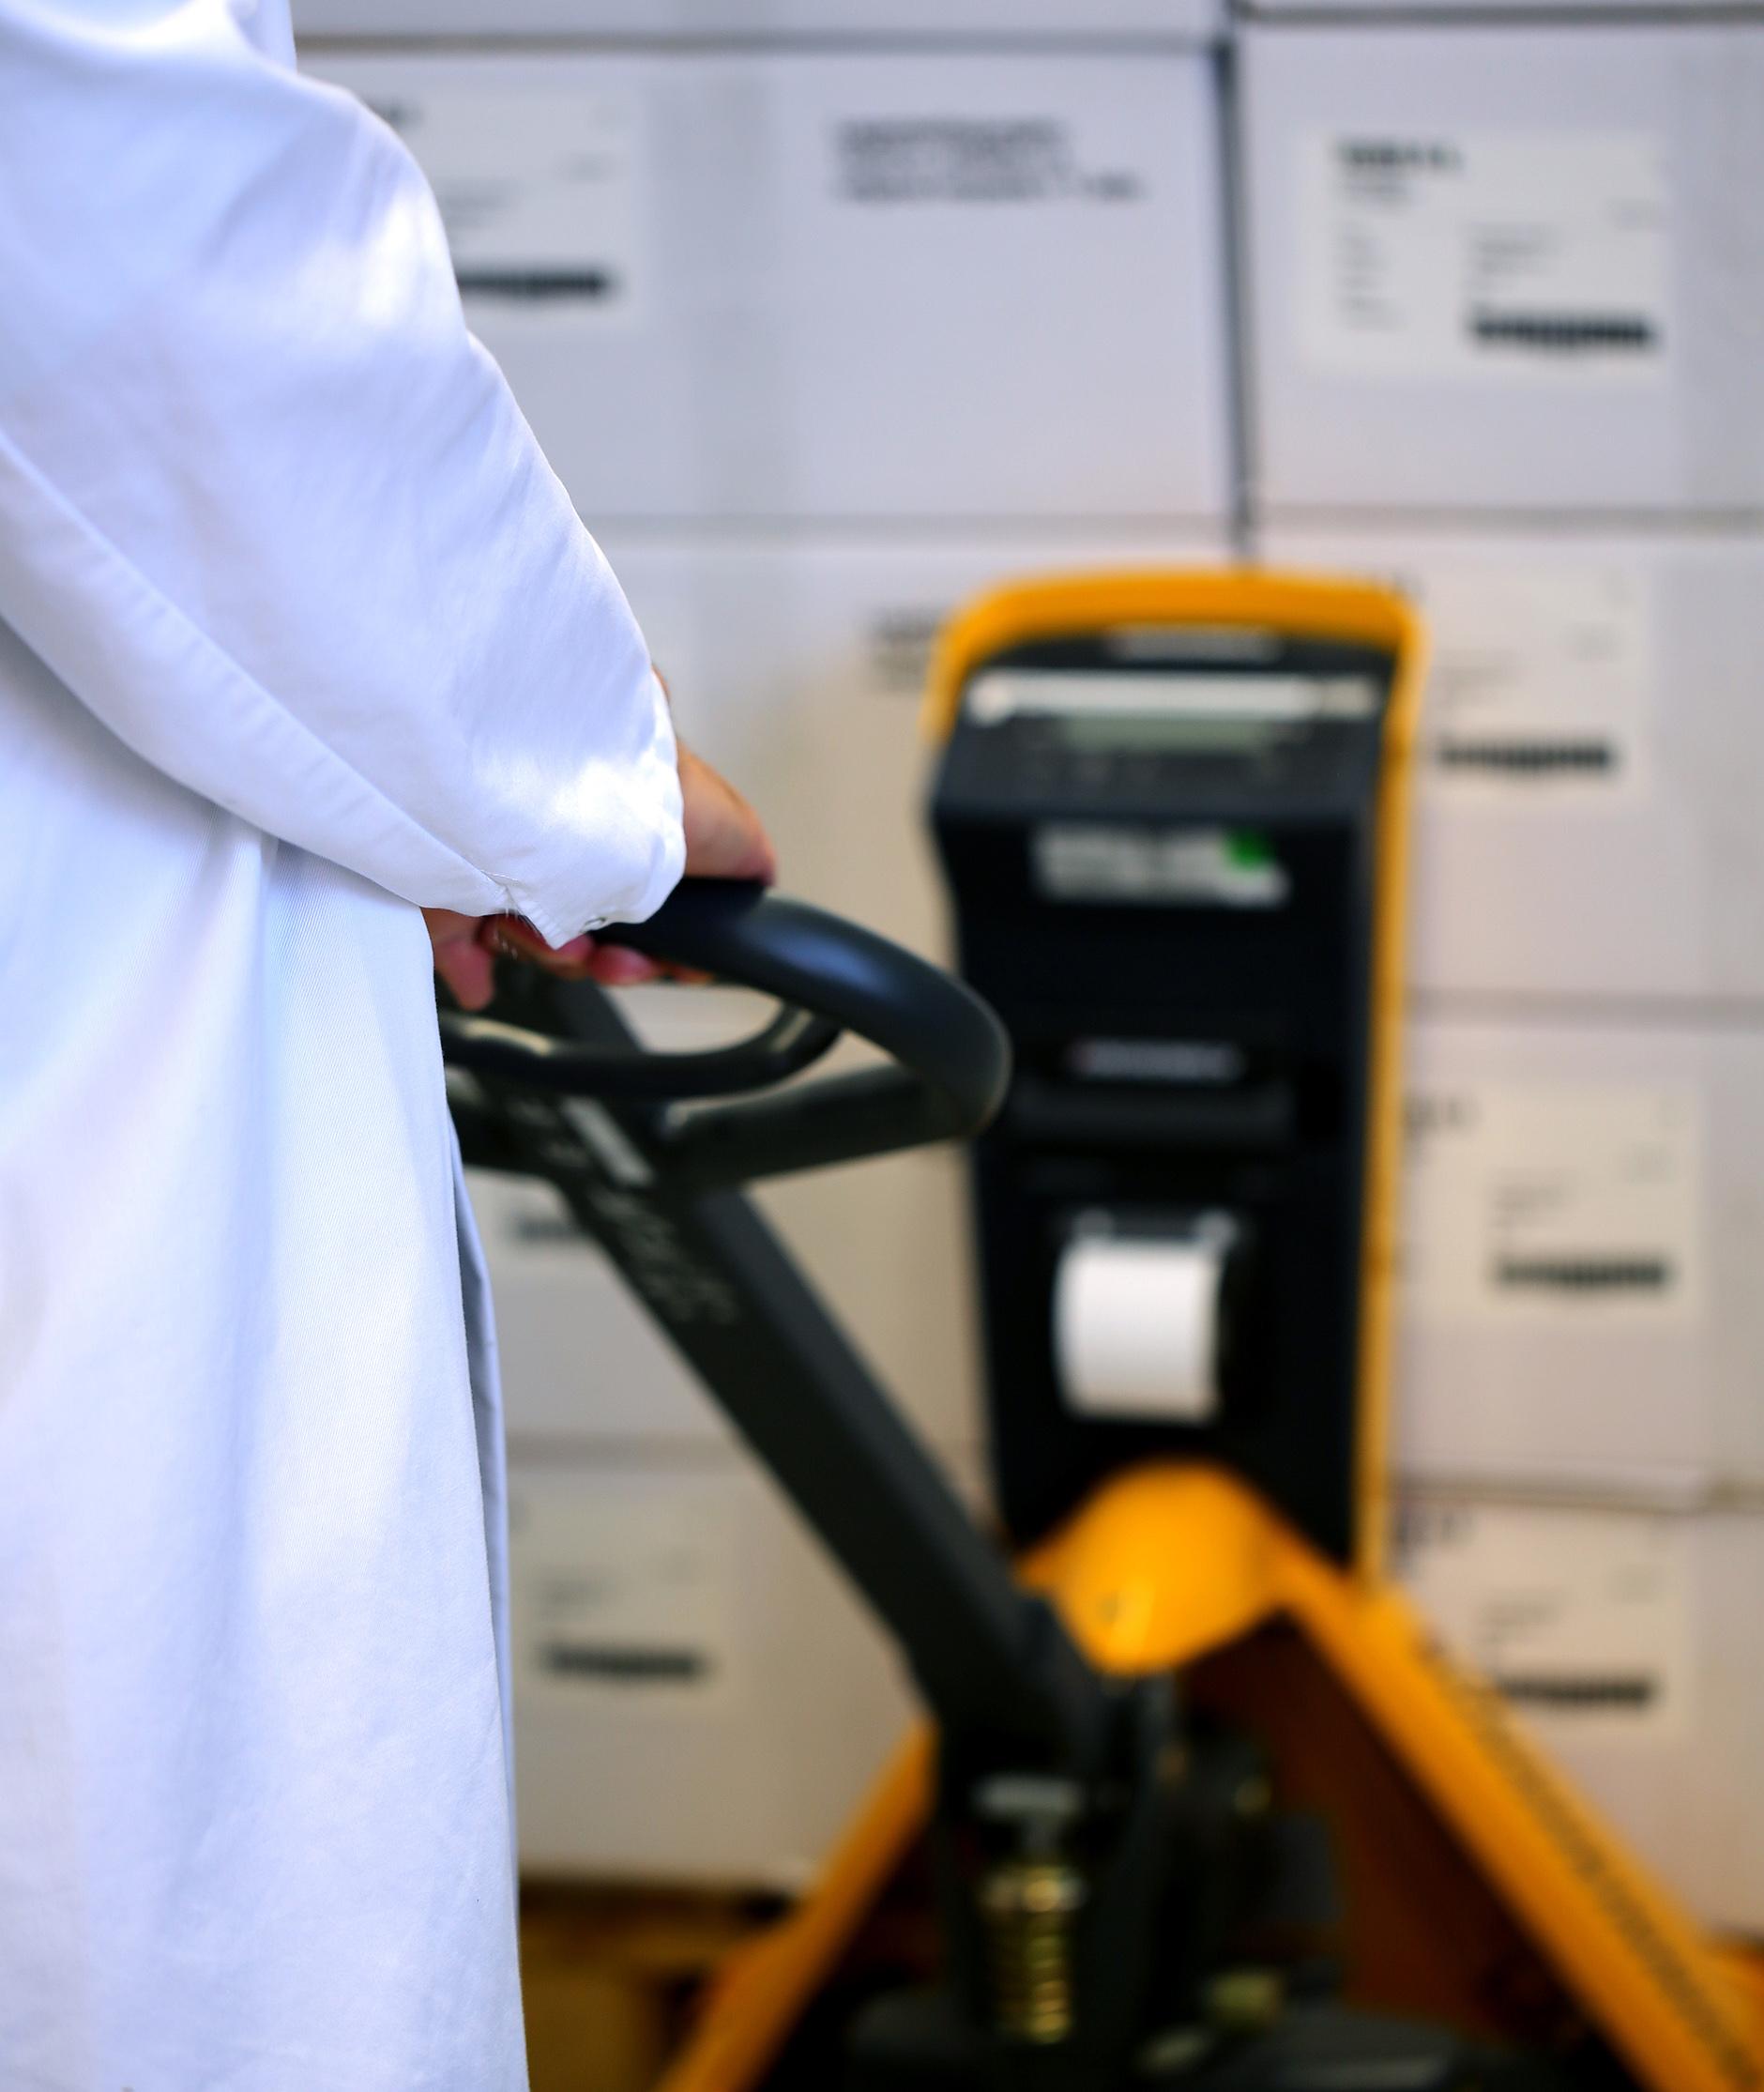 Oferty pracy w Lublinie. 3,5 tys. zł. dla sprzedawcy - Zdjęcie główne